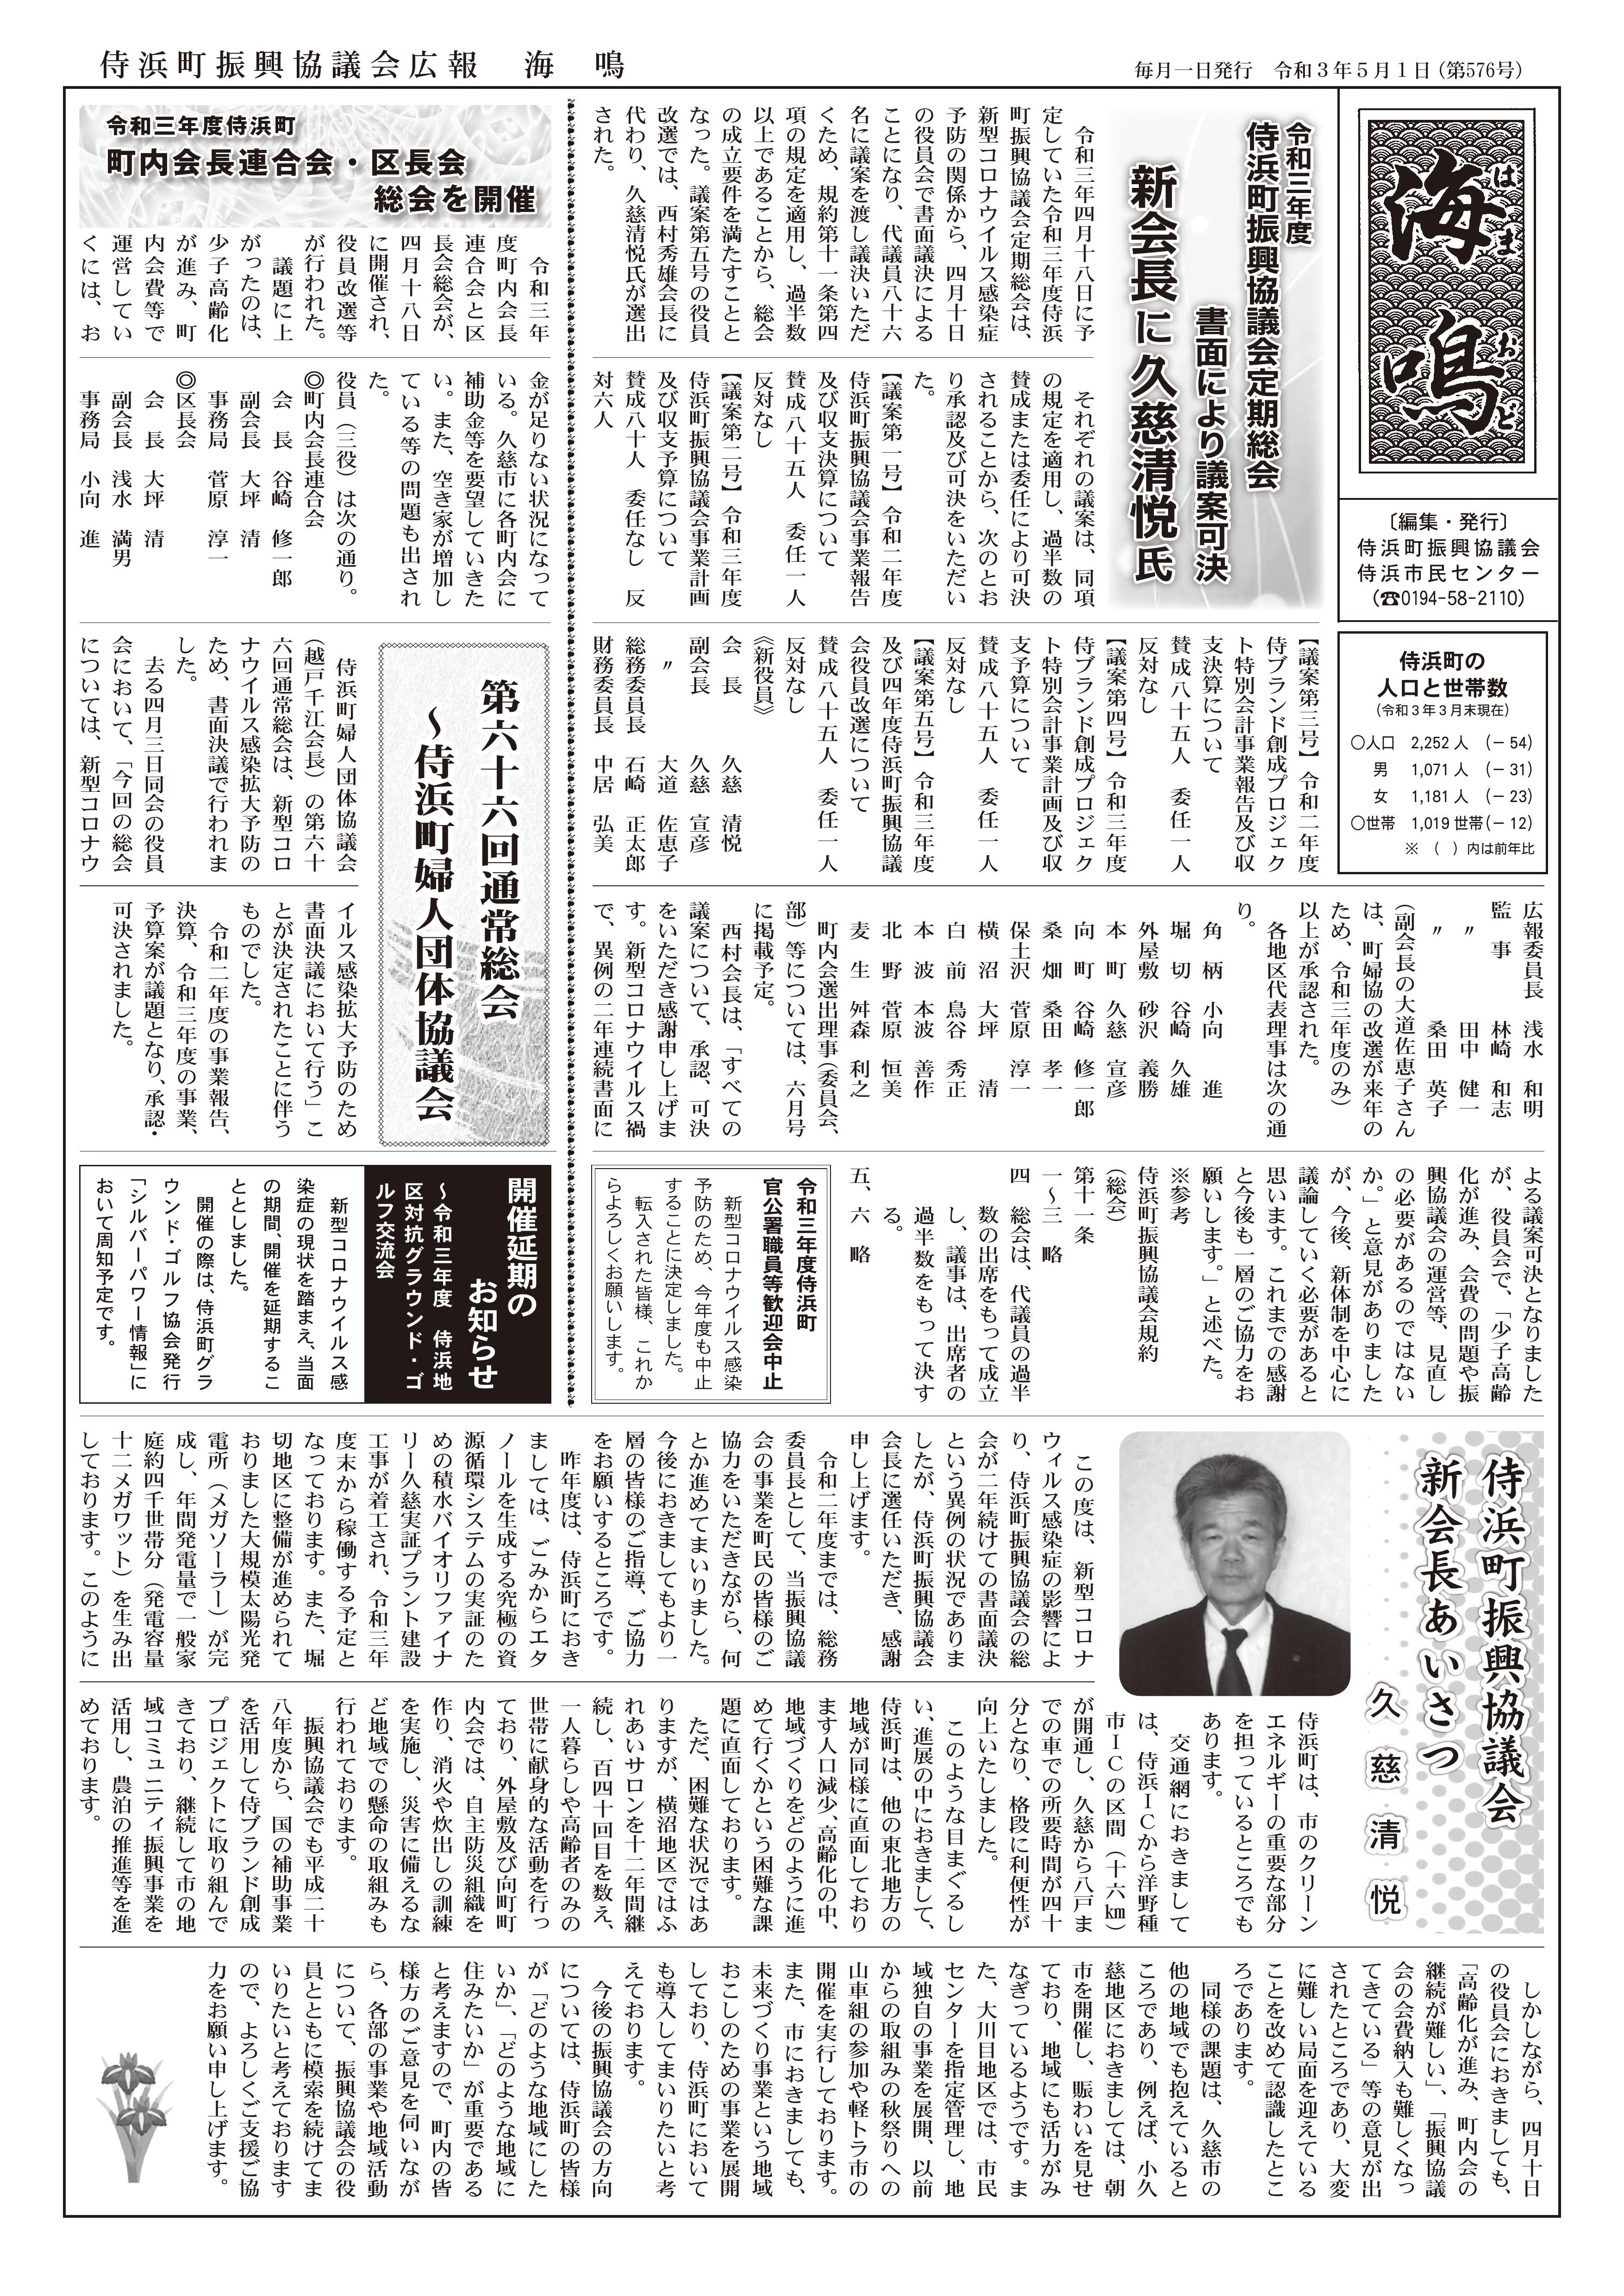 侍浜市民センターだより(令和3年5月1日号)1ページ